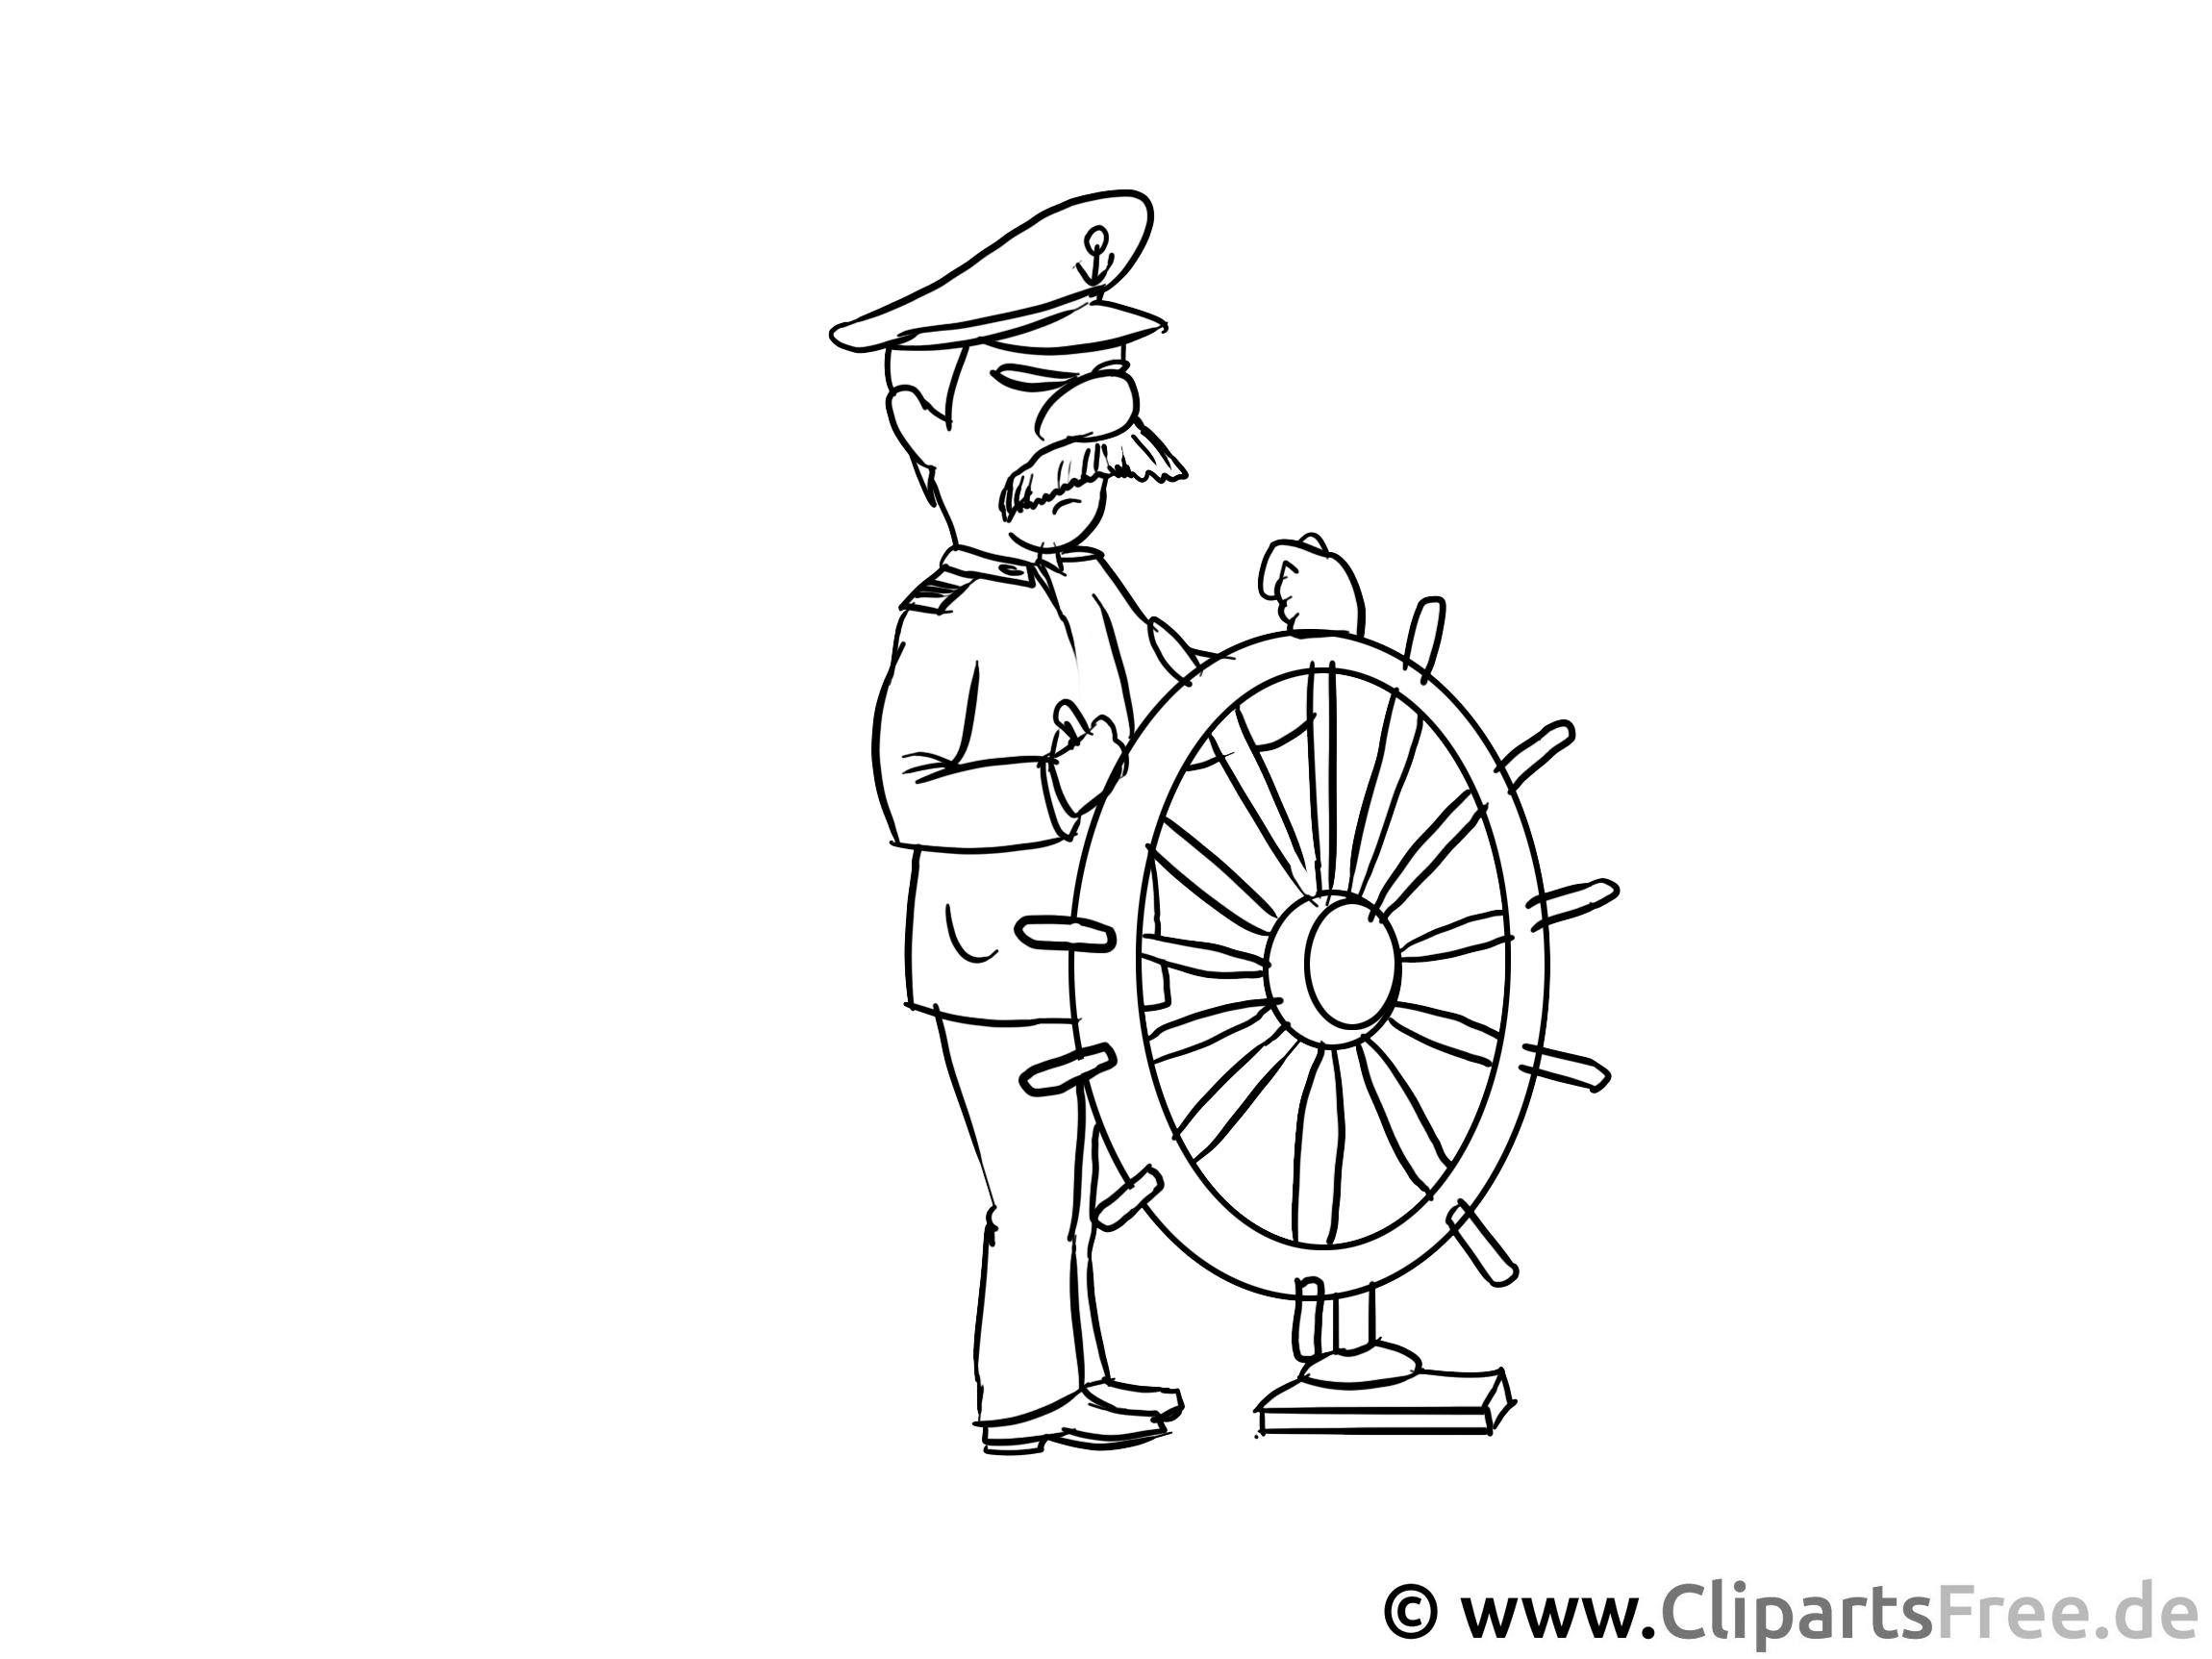 Kapitän Ausmalbild - Berufe Malvorlagen für Kinder kostenlos